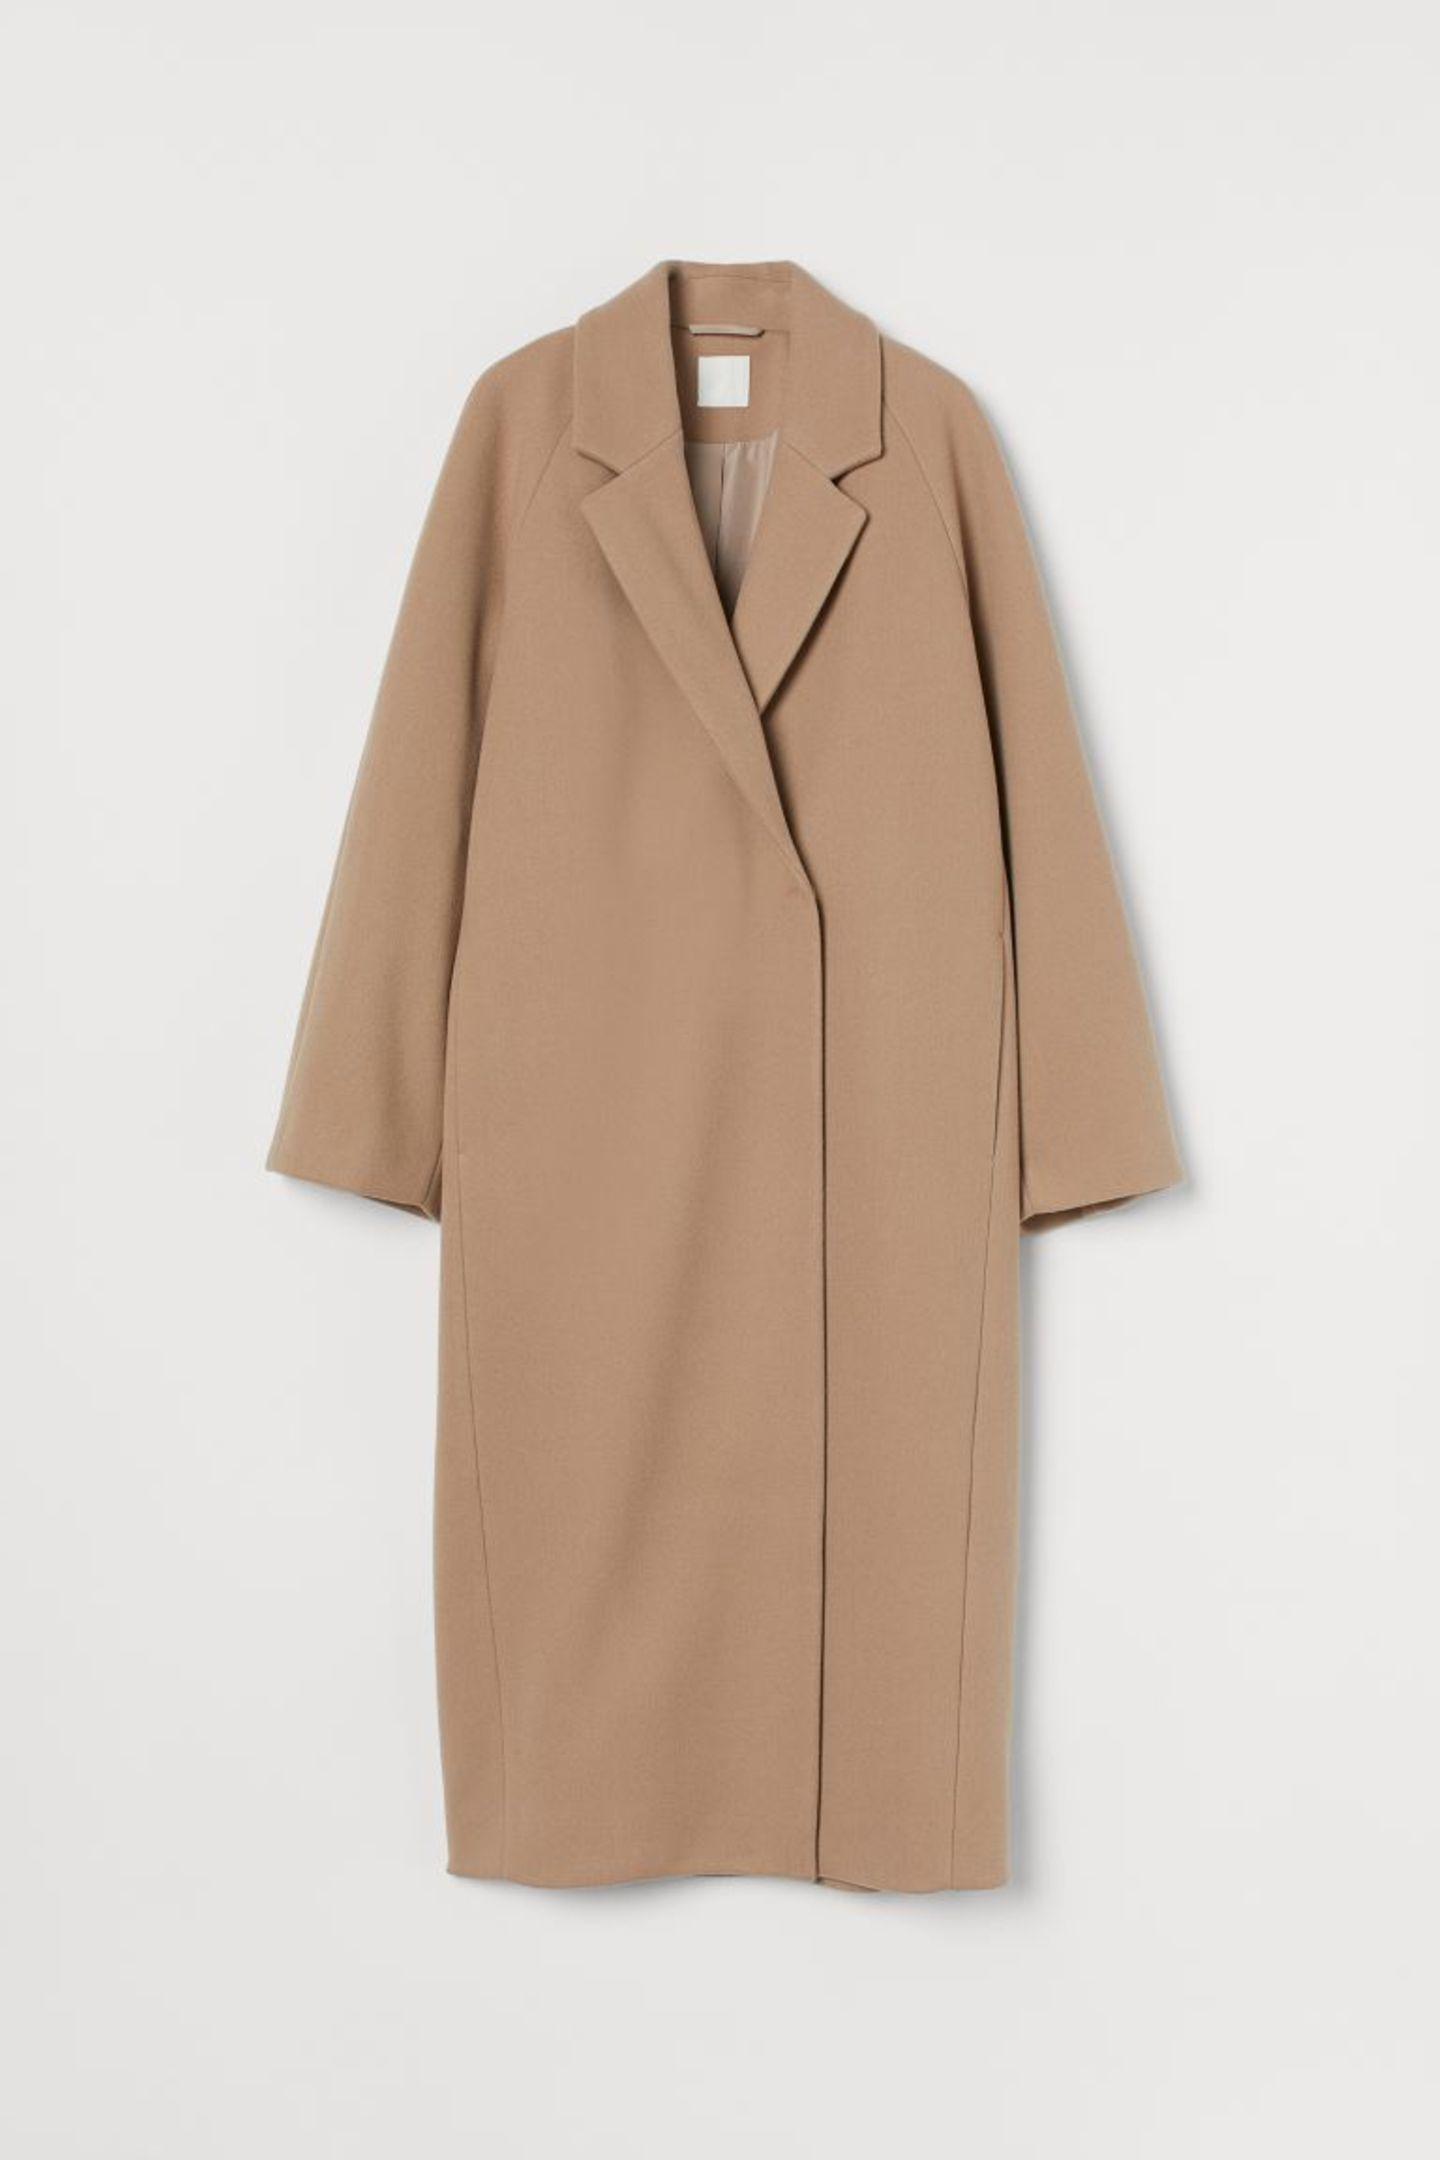 Mäntel unter 100 Euro: Wadenlanger Mantel von H&M